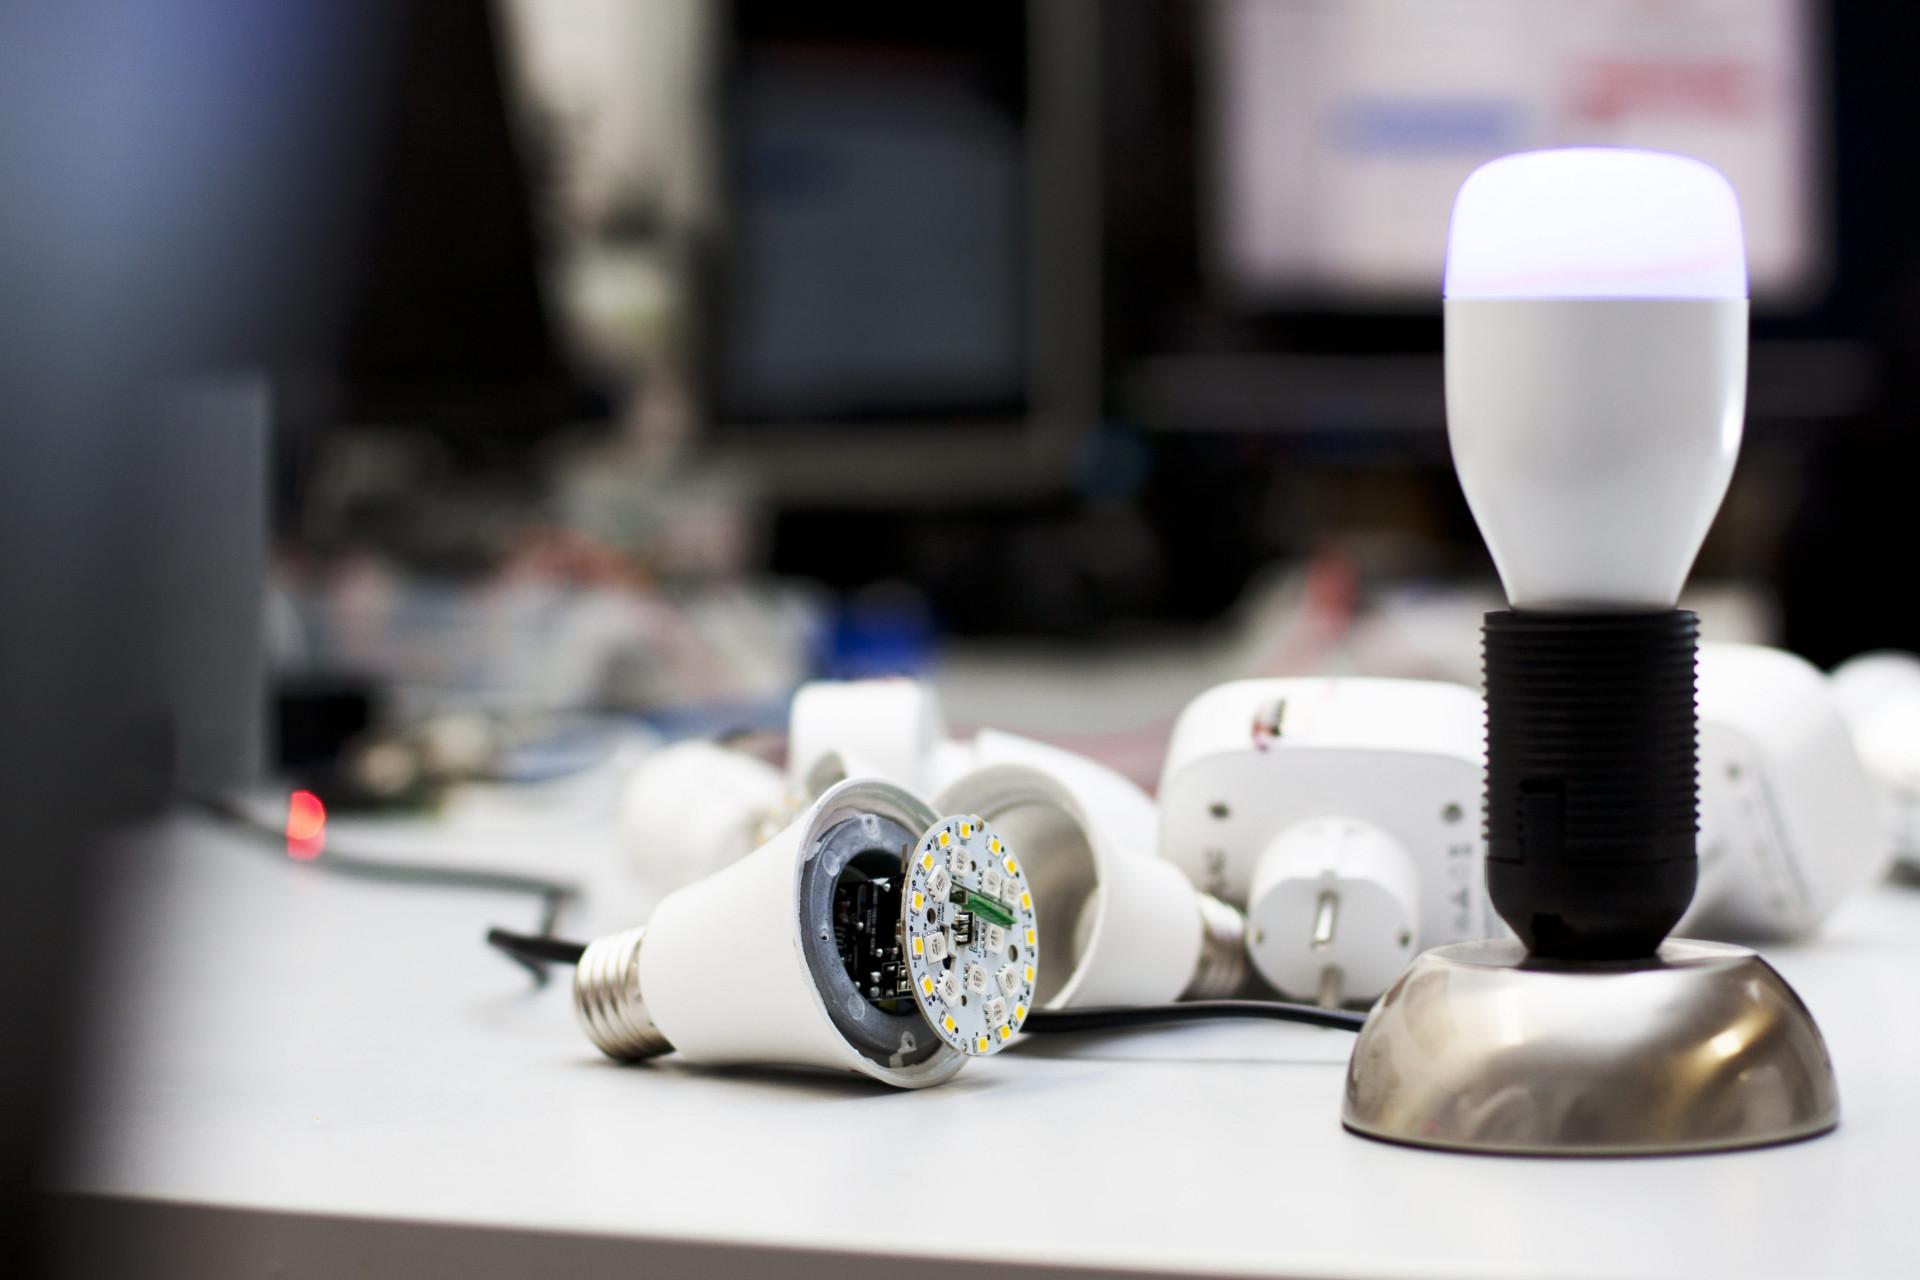 Sicherheitslücke: Tausende Smart-Home-Geräte angreifbar